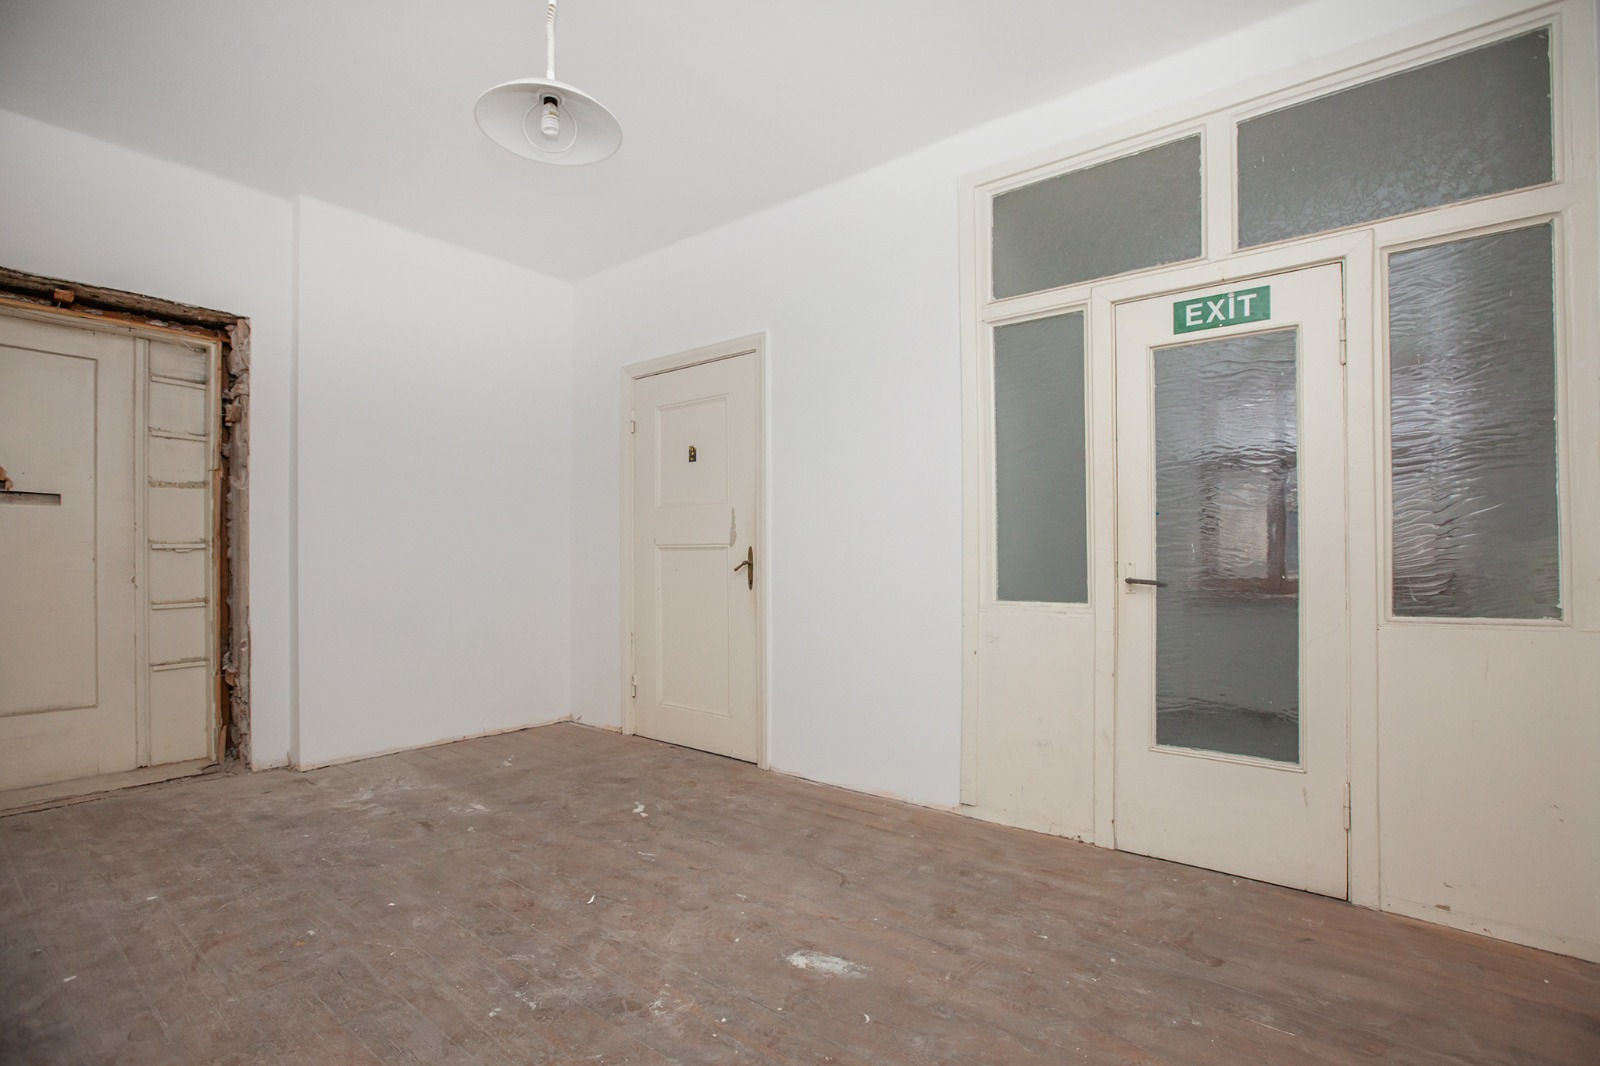 Pārdod dzīvokli, Miera iela 5 - Attēls 1